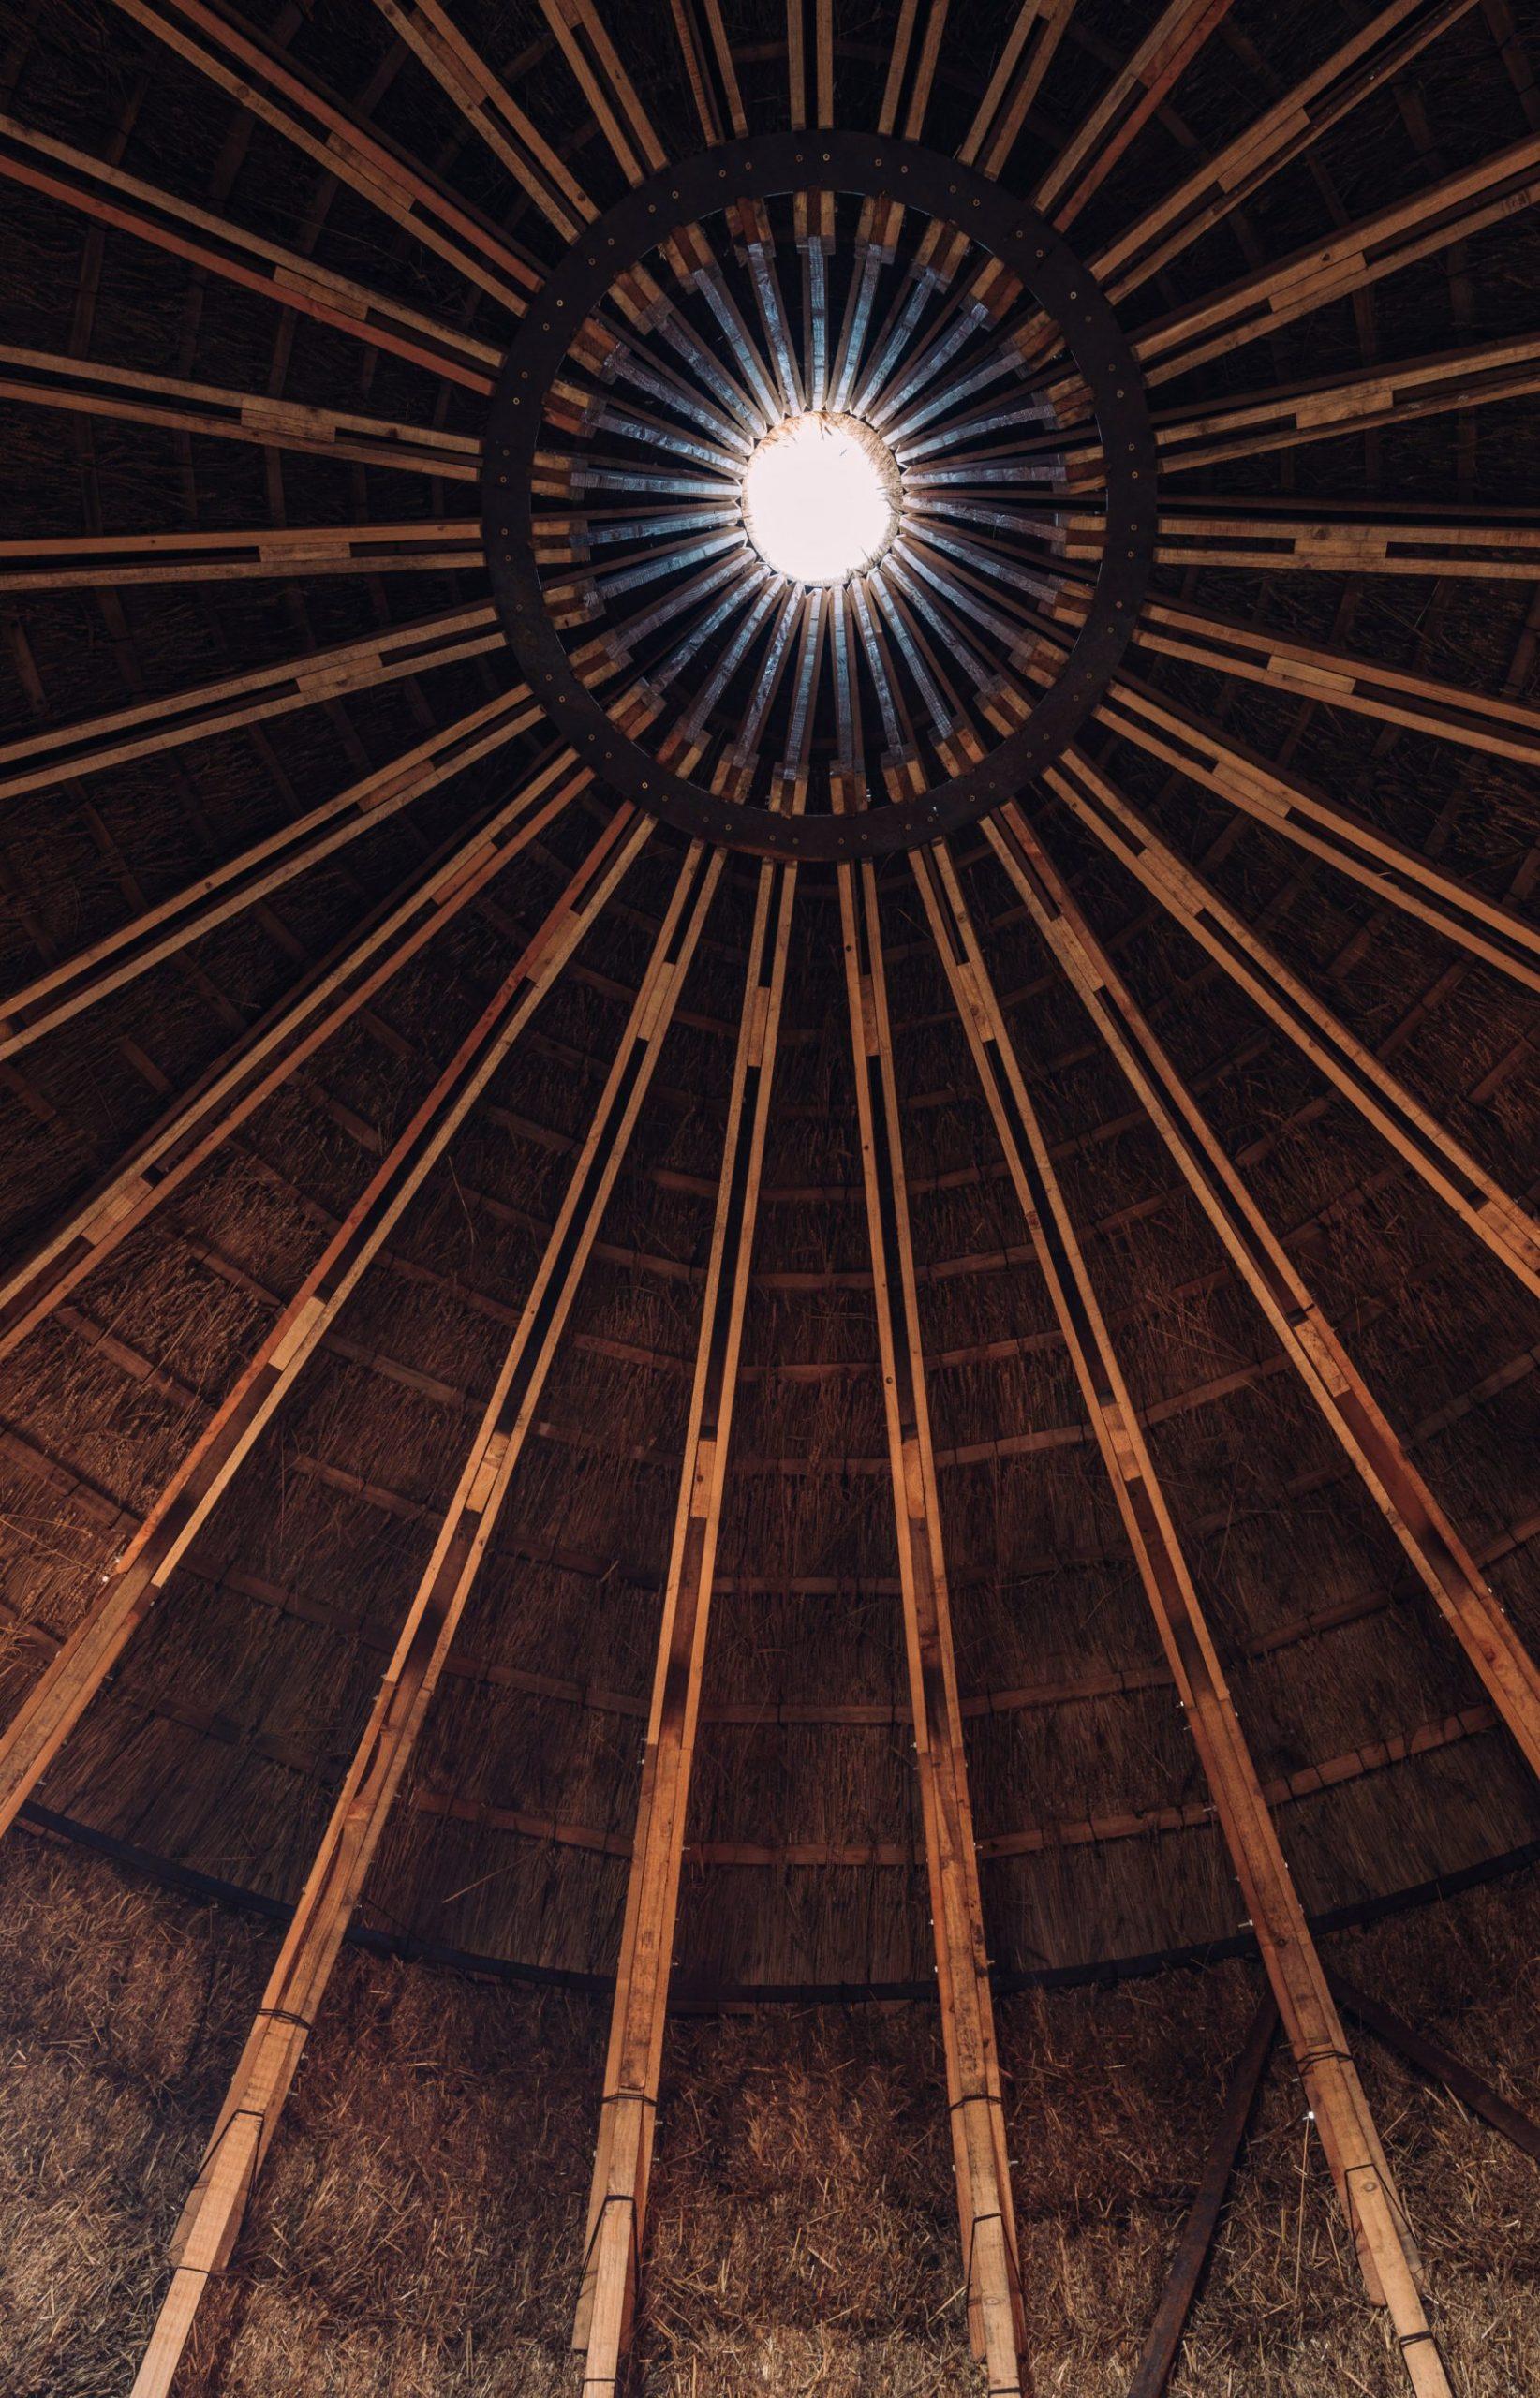 Strohhuette Dachkonstruktion - Wunderschoenes Kuppeldesign